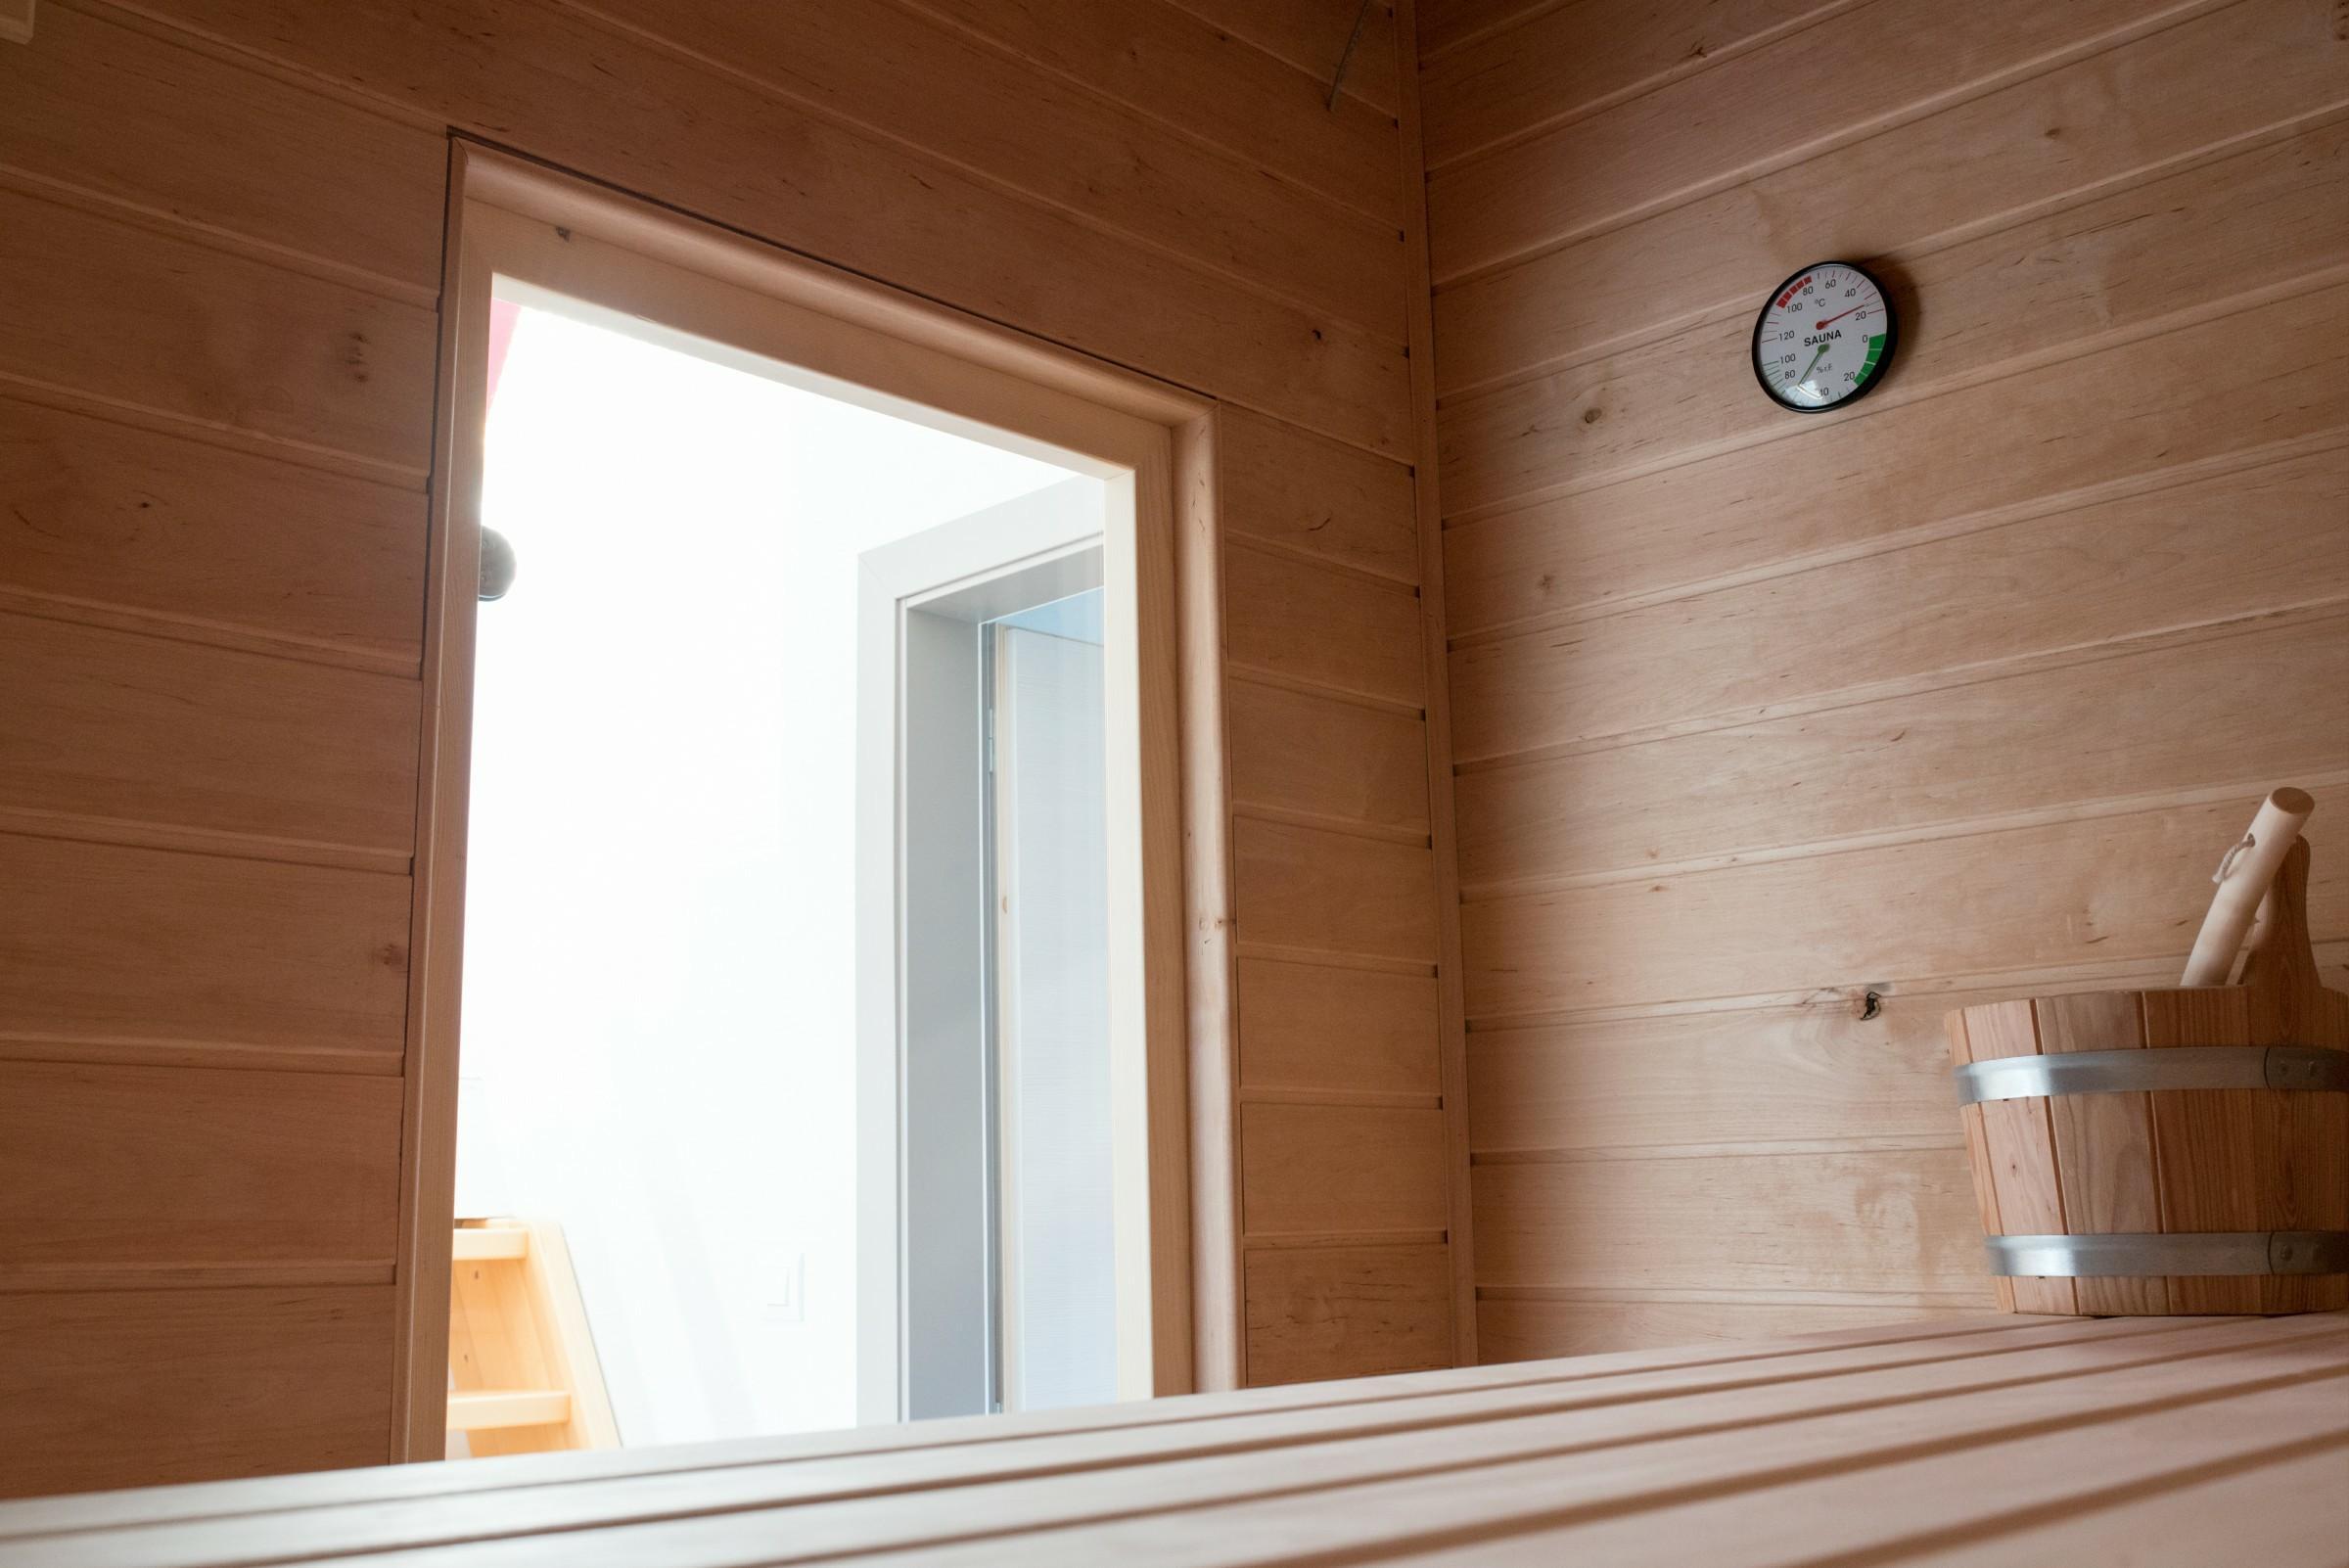 FormatFactorySkok- Medena vas, 1, foto Joτt Gantar, Savinja Alps